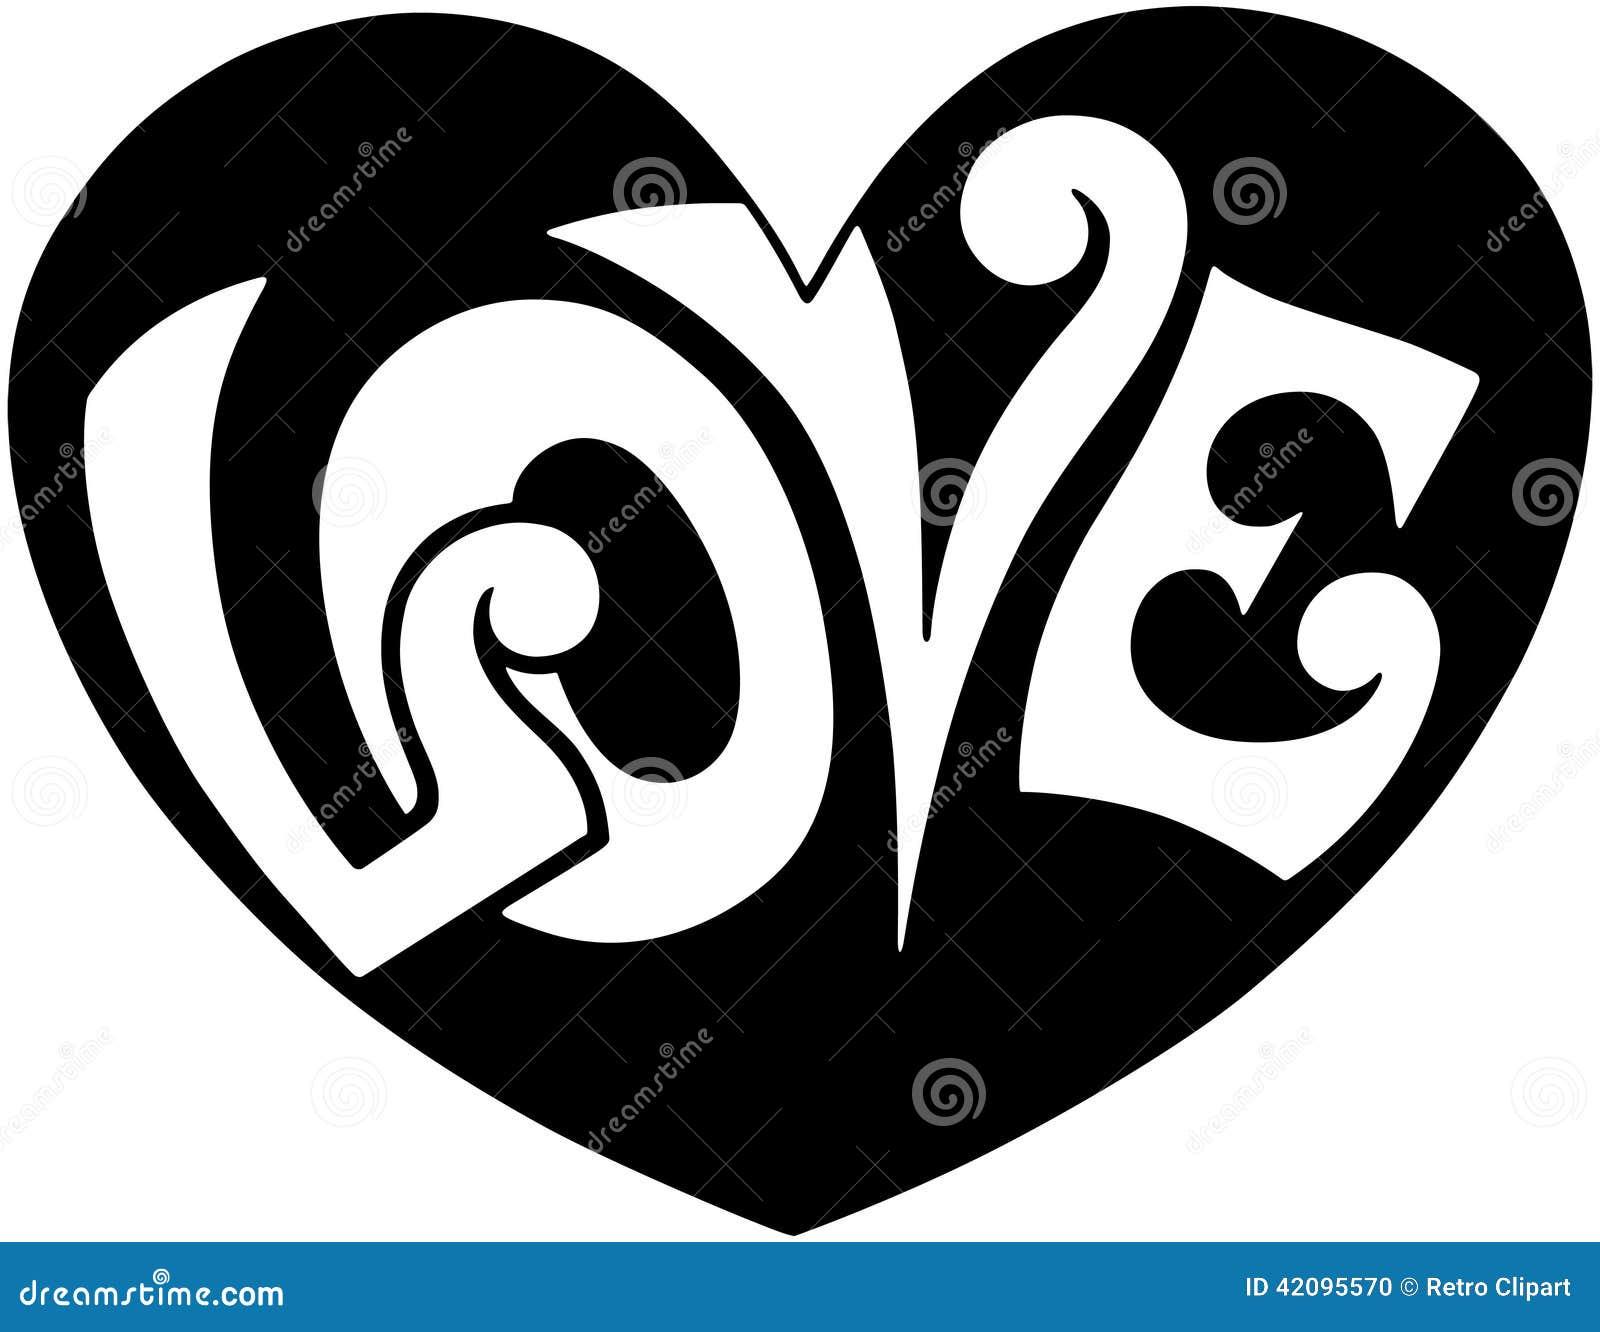 Pop Art Love Heart Stock Vector Image 42095570